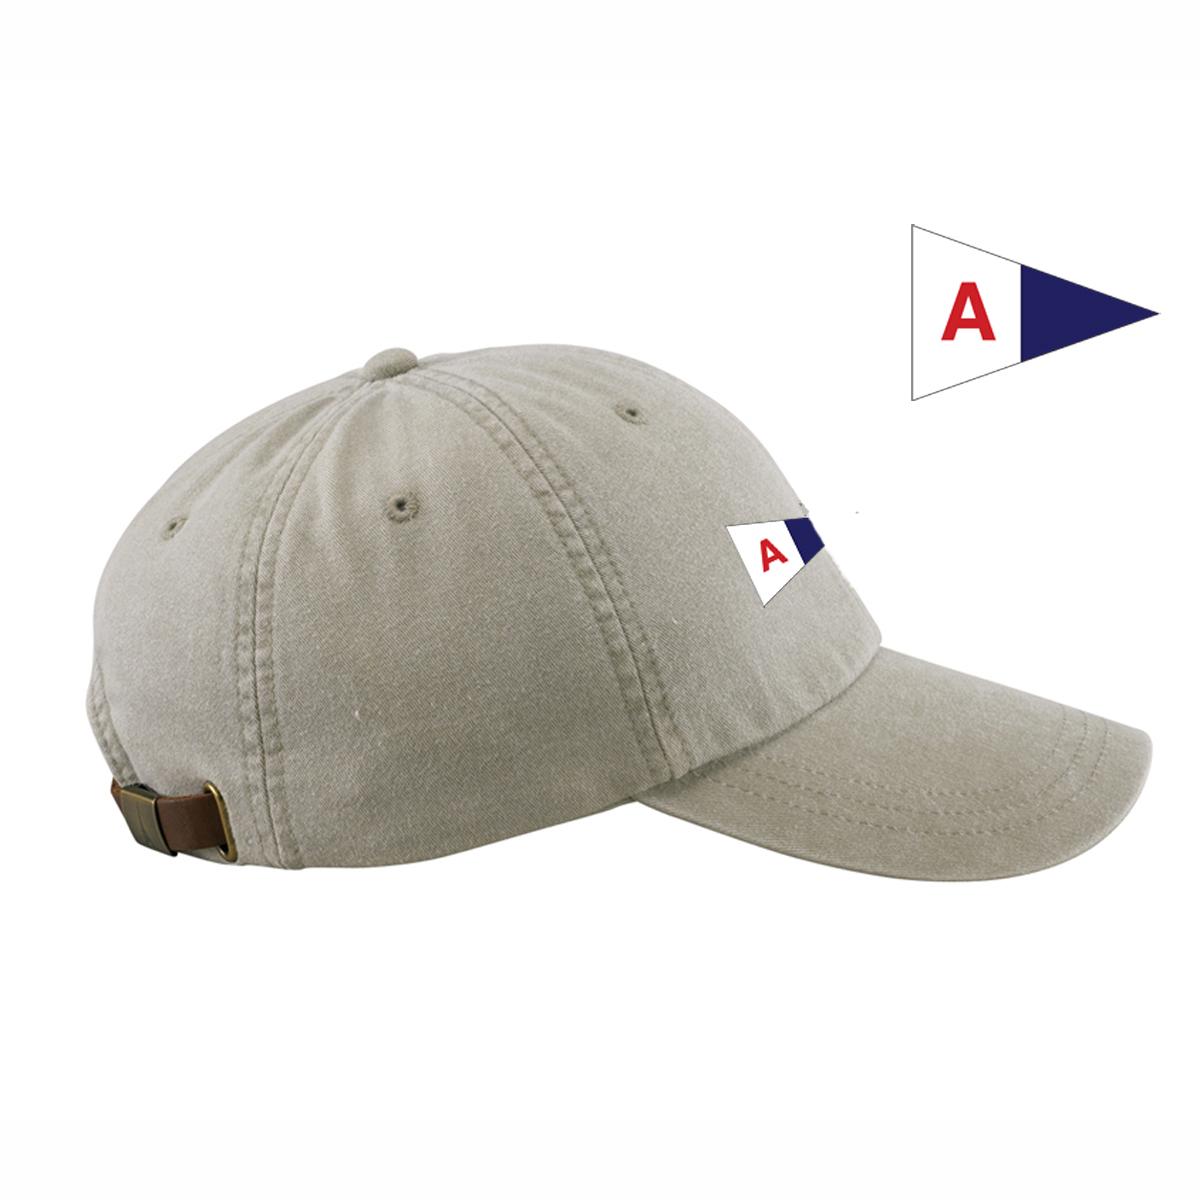 Arundel Yacht Club - Optimum Pigment Dyed Cotton Cap (ARYC701)